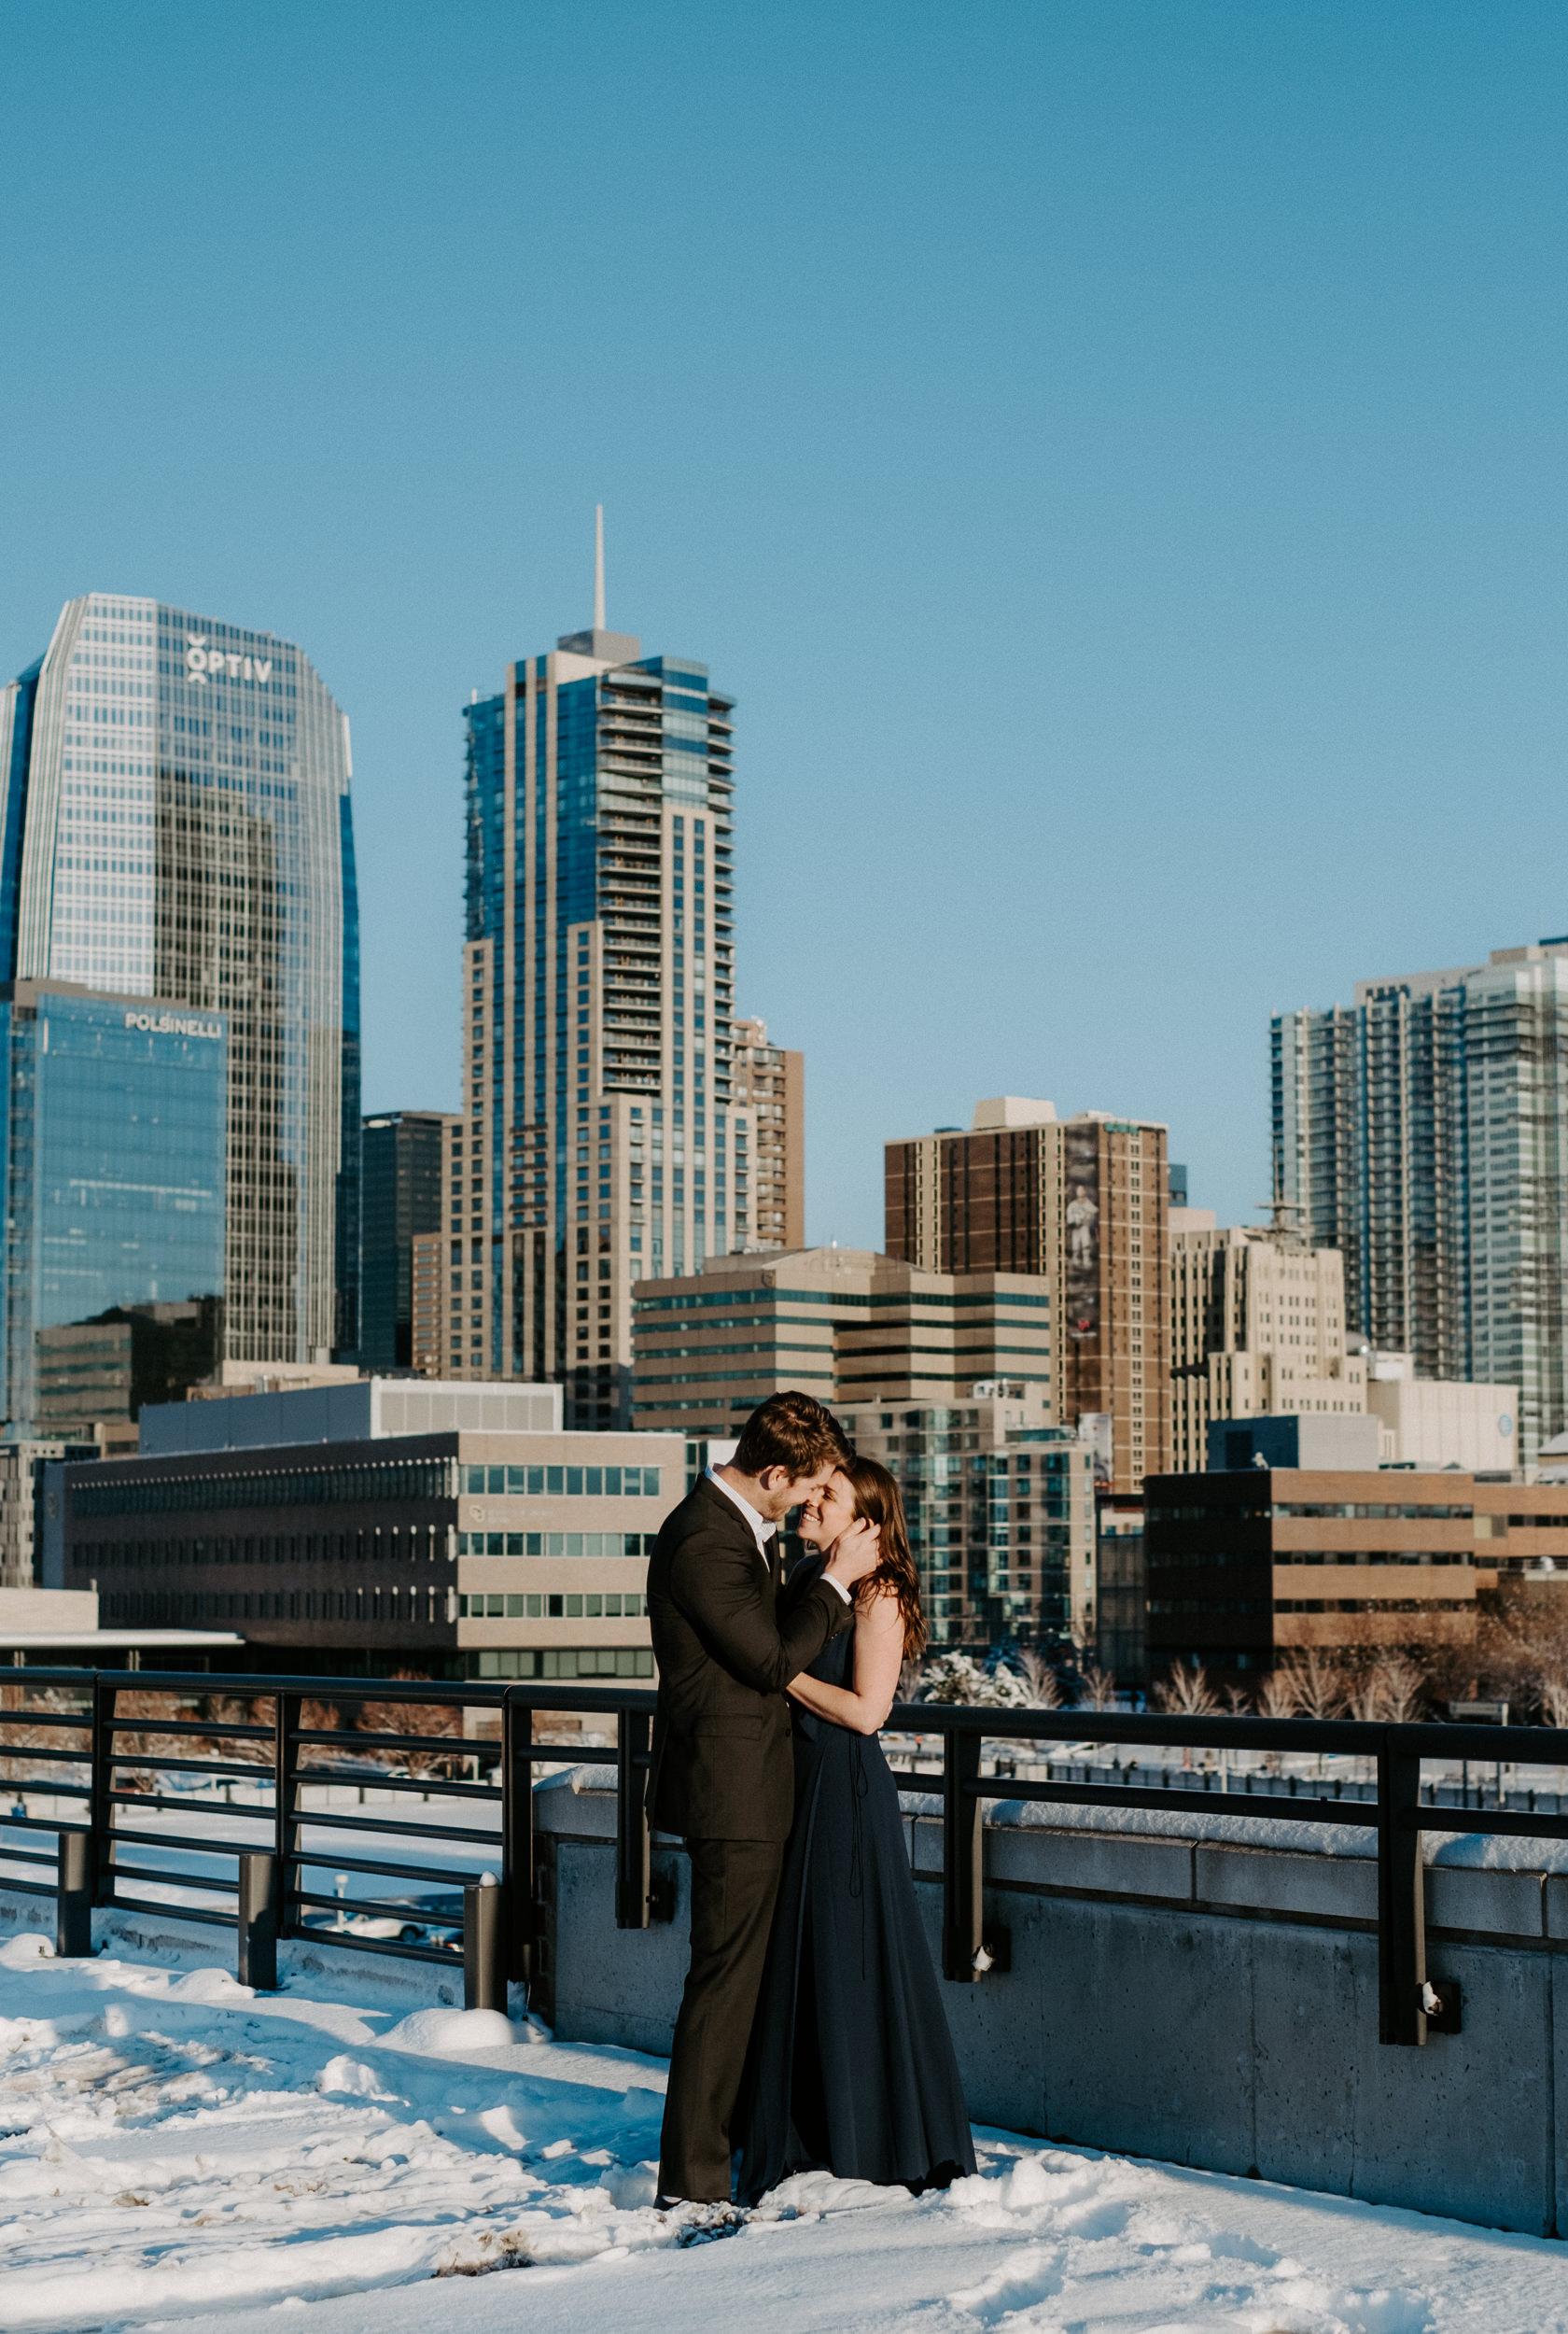 Denver, Colorado engagement photographer. Downtown urban engagement session. Rooftop engagement photos in Denver.